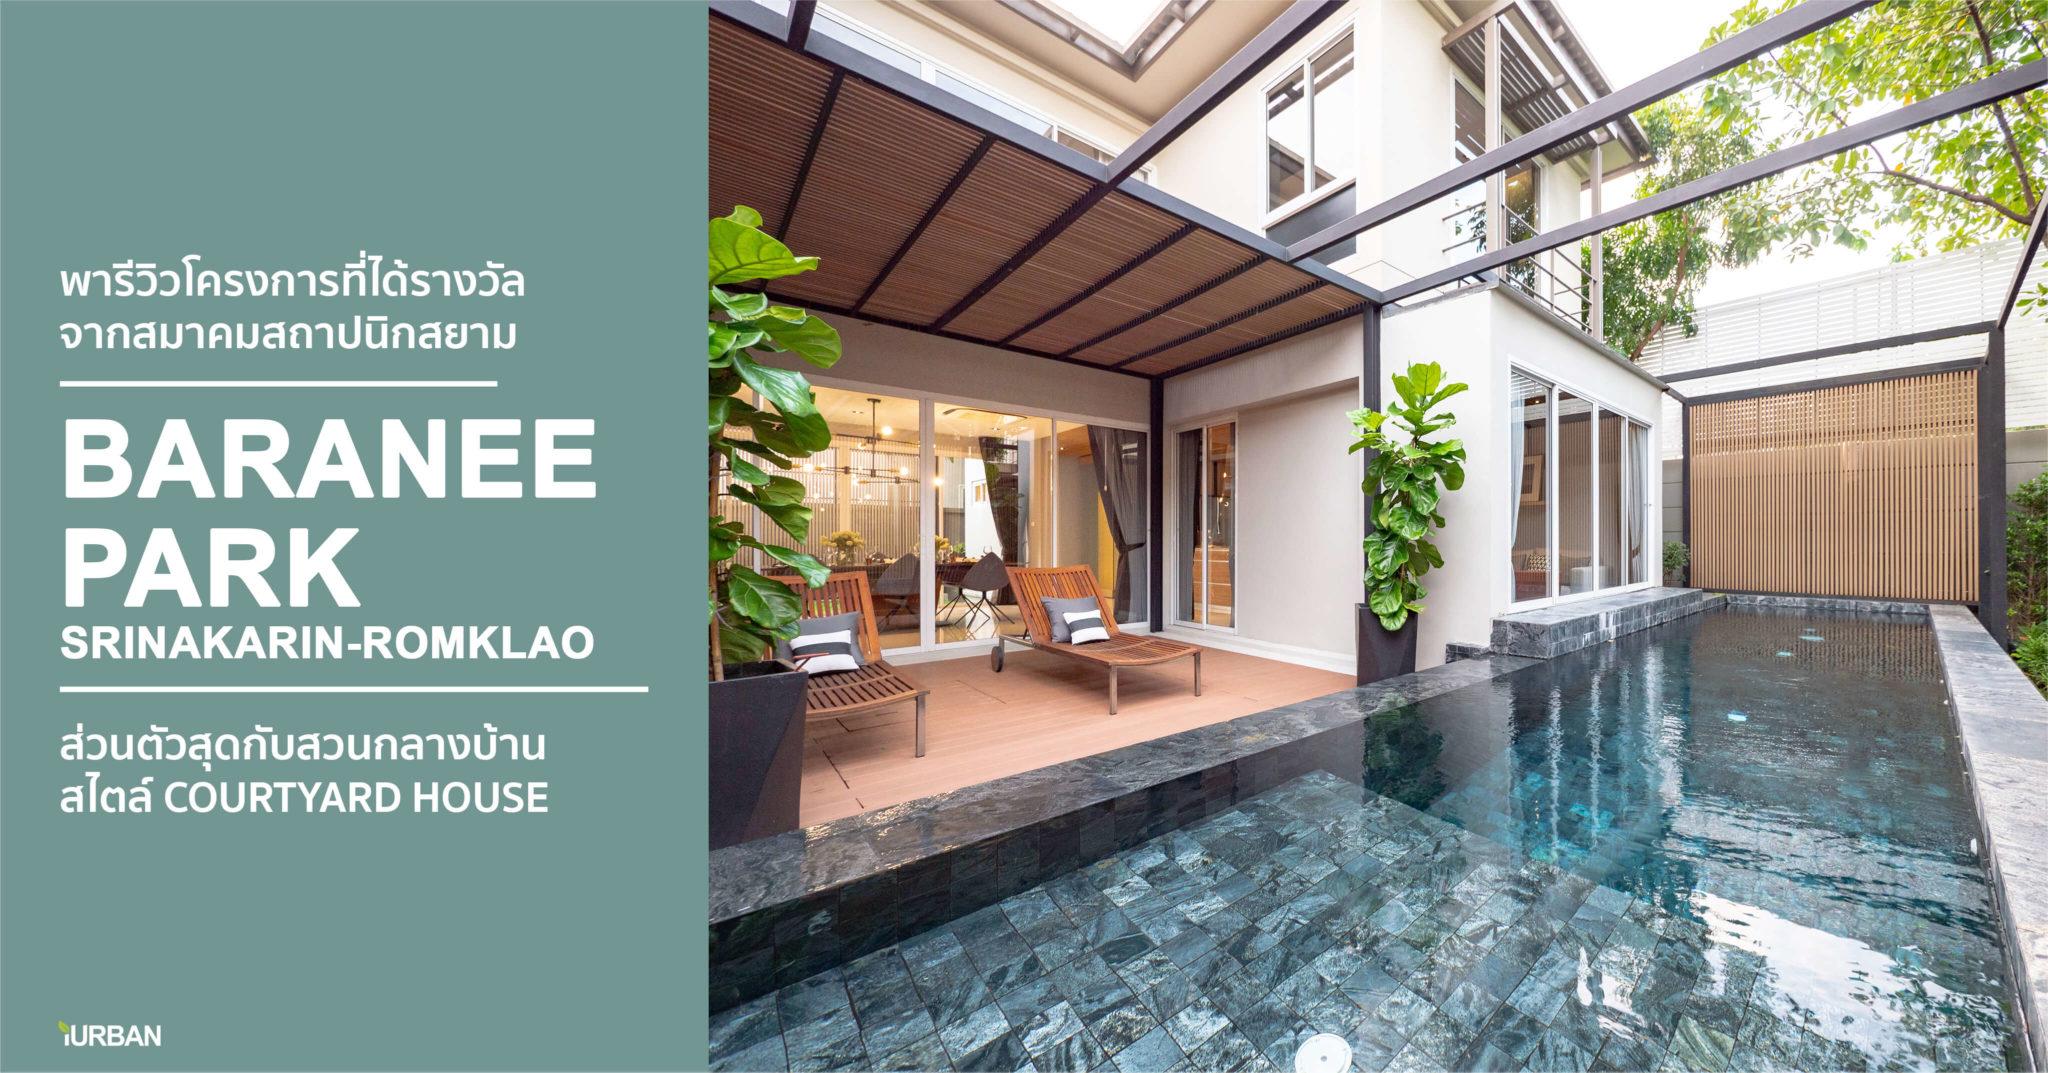 รีวิว บารานี พาร์ค ศรีนครินทร์-ร่มเกล้า บ้านสไตล์ Courtyard House ของไทยที่ได้รางวัลสถาปัตยกรรม 13 - Baranee Park